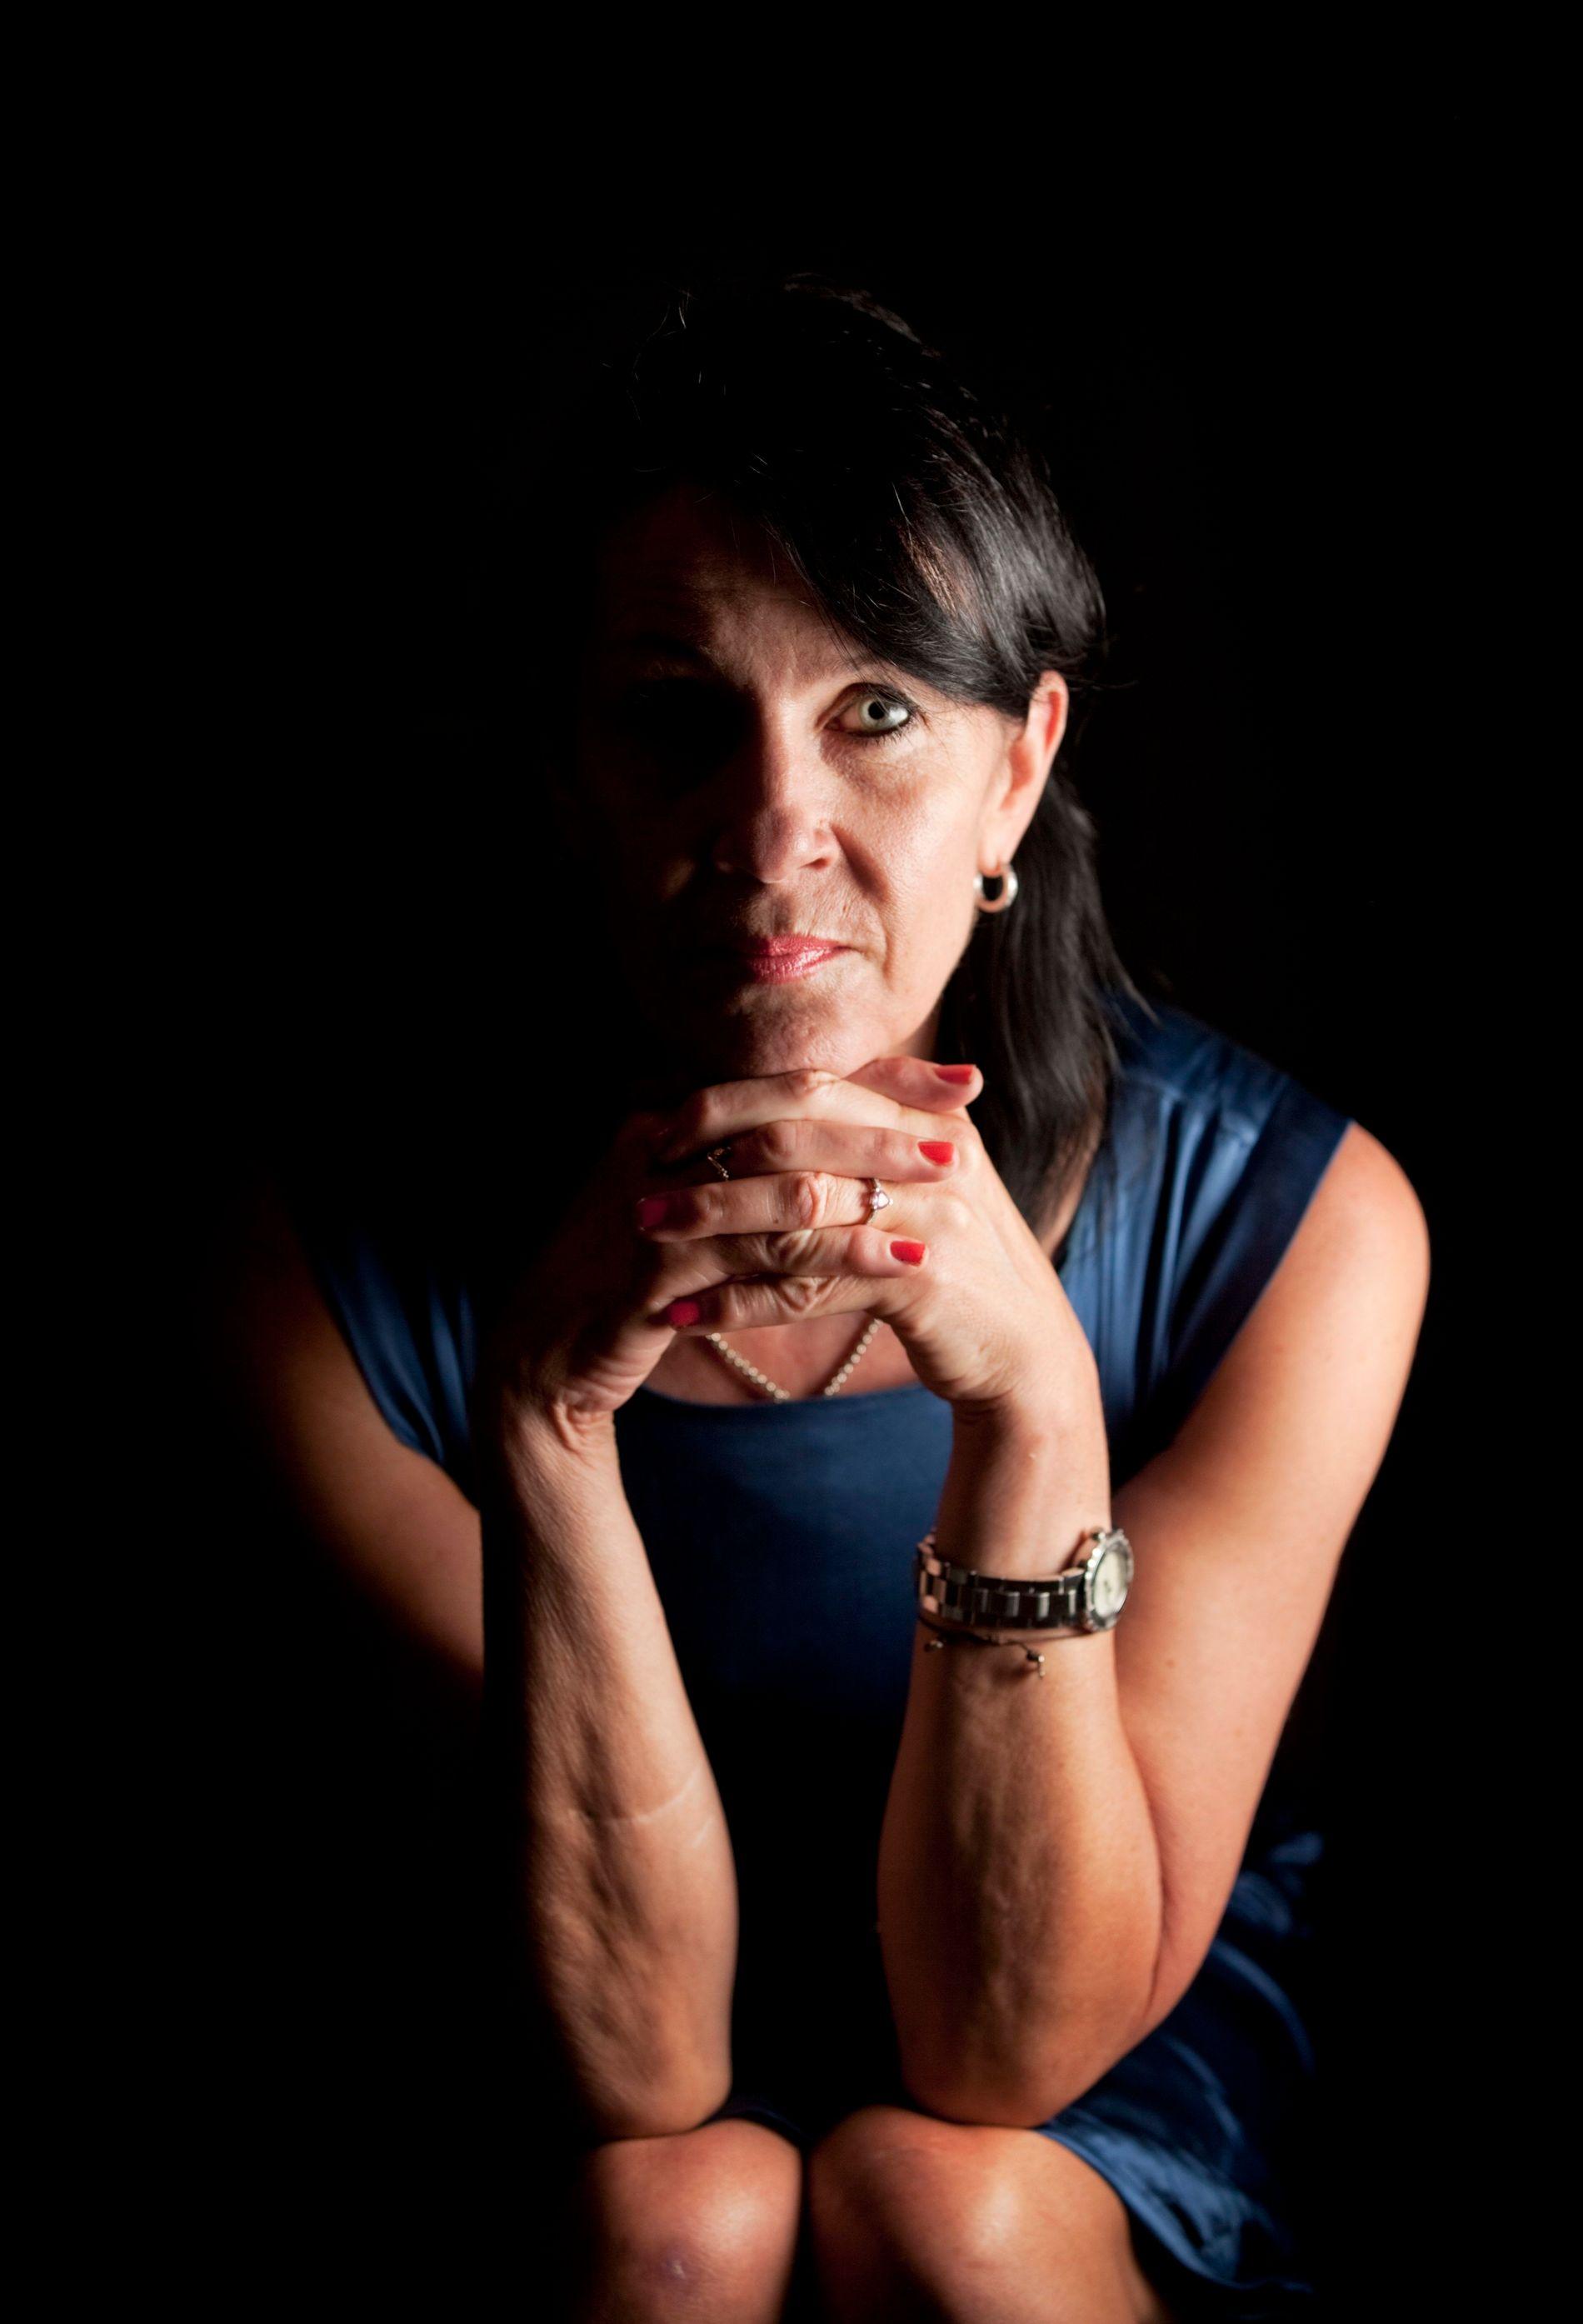 NØDVENDIG: Vigdis Hjorth sier at hun ikke trenger søsteren Helgas velsignelse - og at for henne har «det har vært helt nødvendig» å skrive romanen «Arv og miljø».